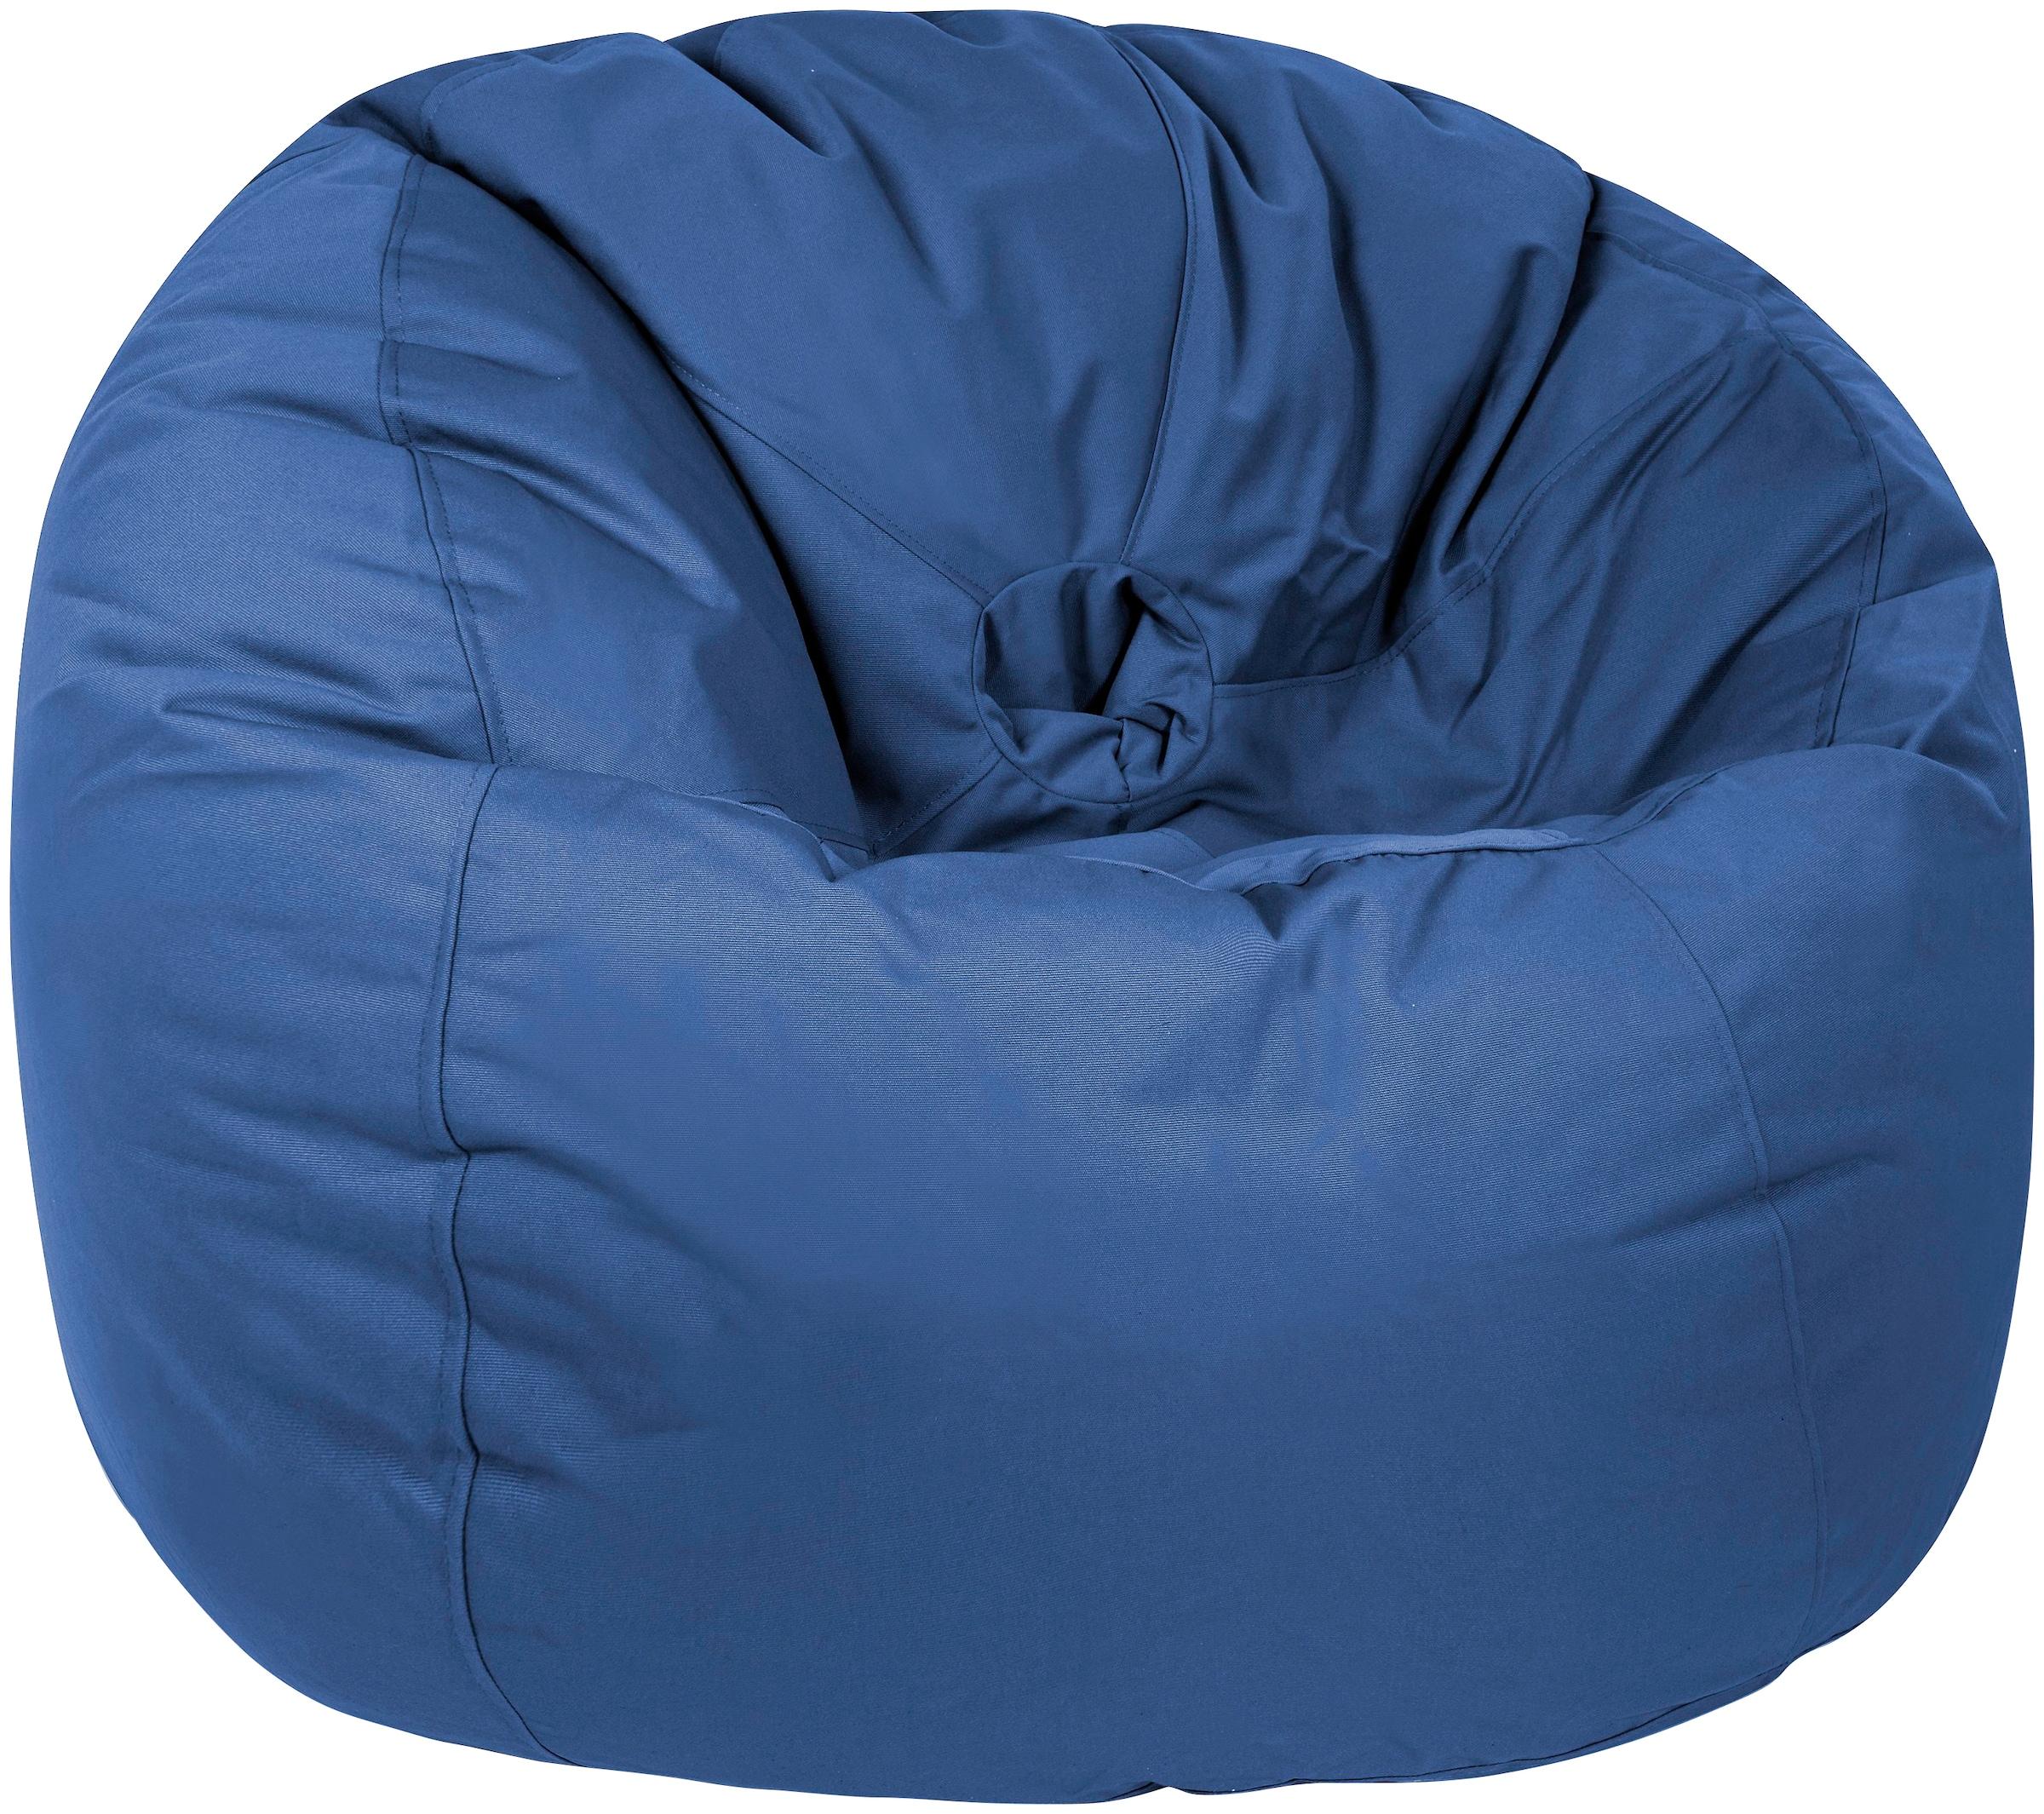 OUTBAG Sitzsack Donut Plus, für den Außenbereich, Ø 90 cm